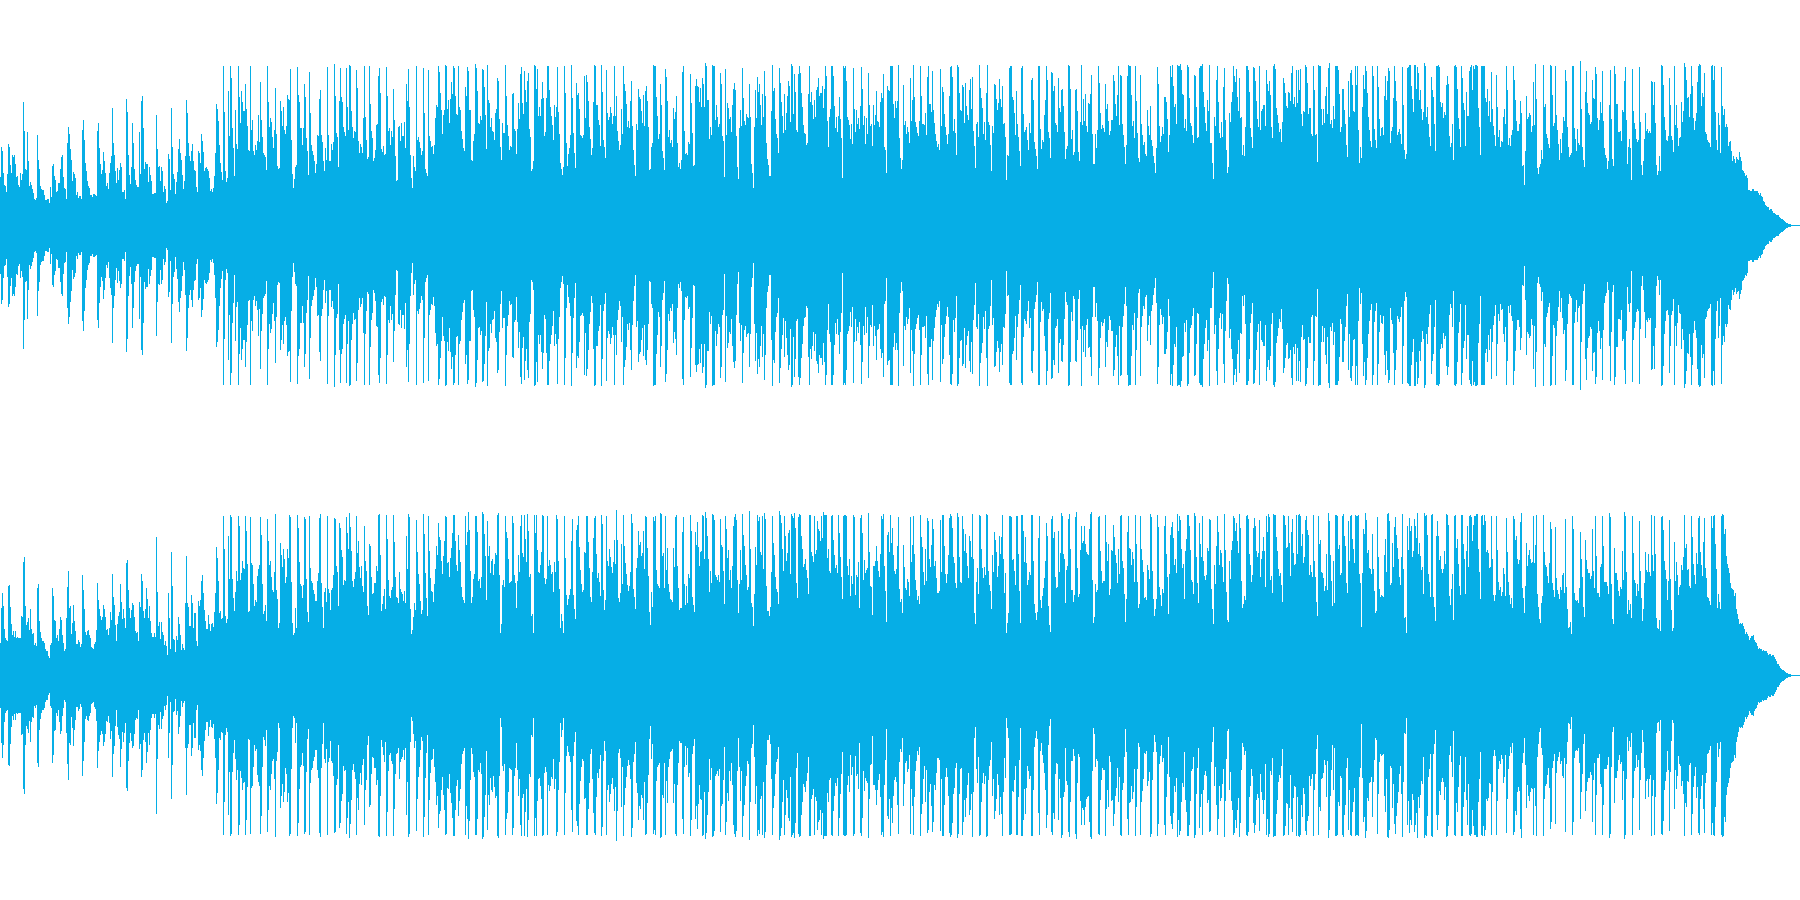 牧場から聞こえてきそうなカントリー曲の再生済みの波形